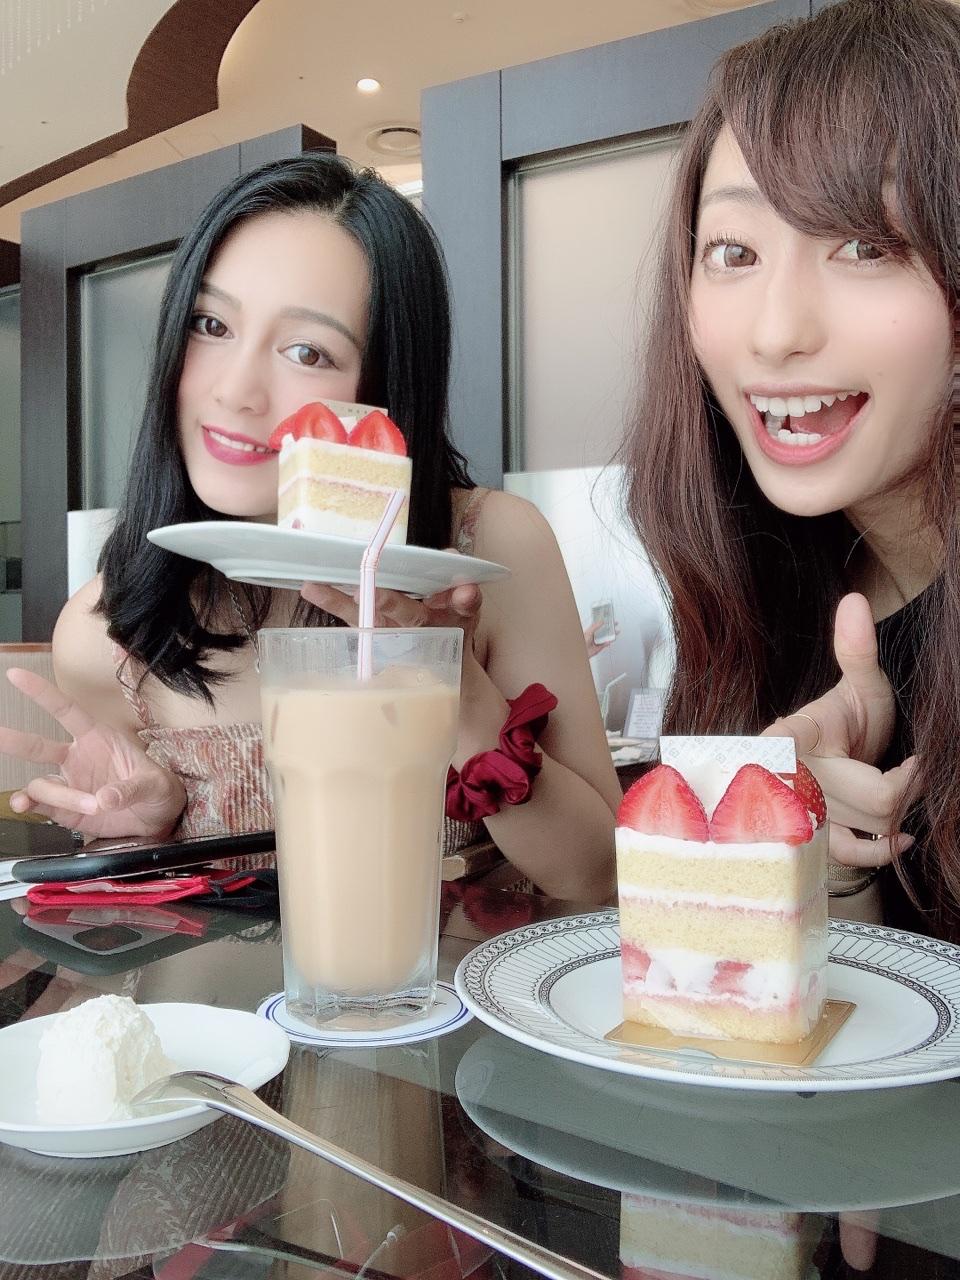 【名古屋一景色の良いcafe:カフェ ド シエル】in高島屋の51階_4